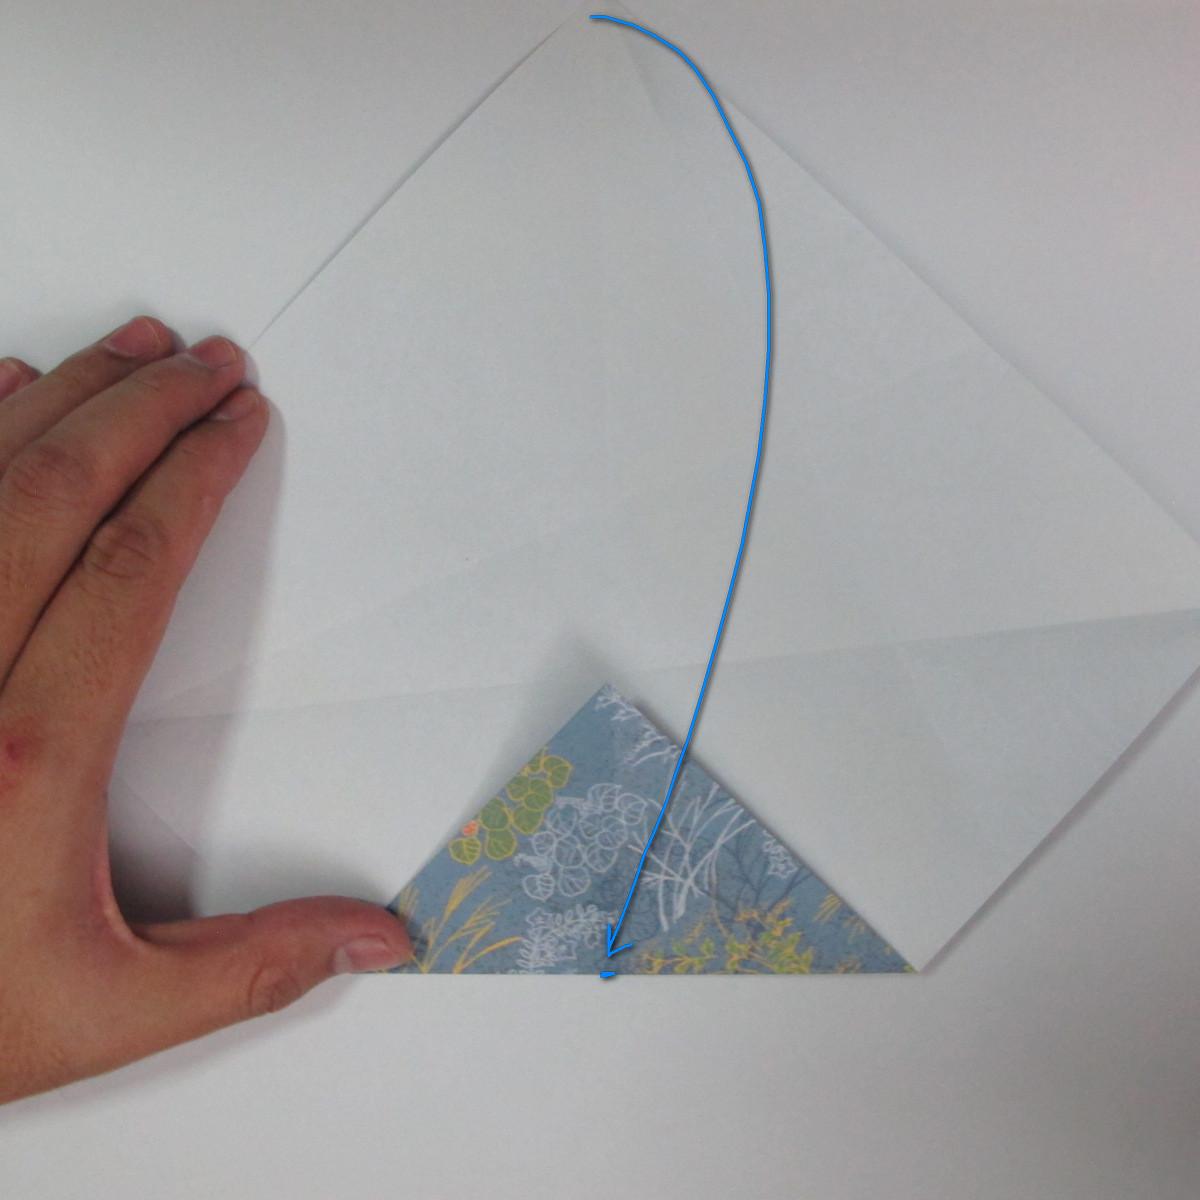 วิธีการพับกระดาษเป็นรูปม้า (Origami Horse) 010